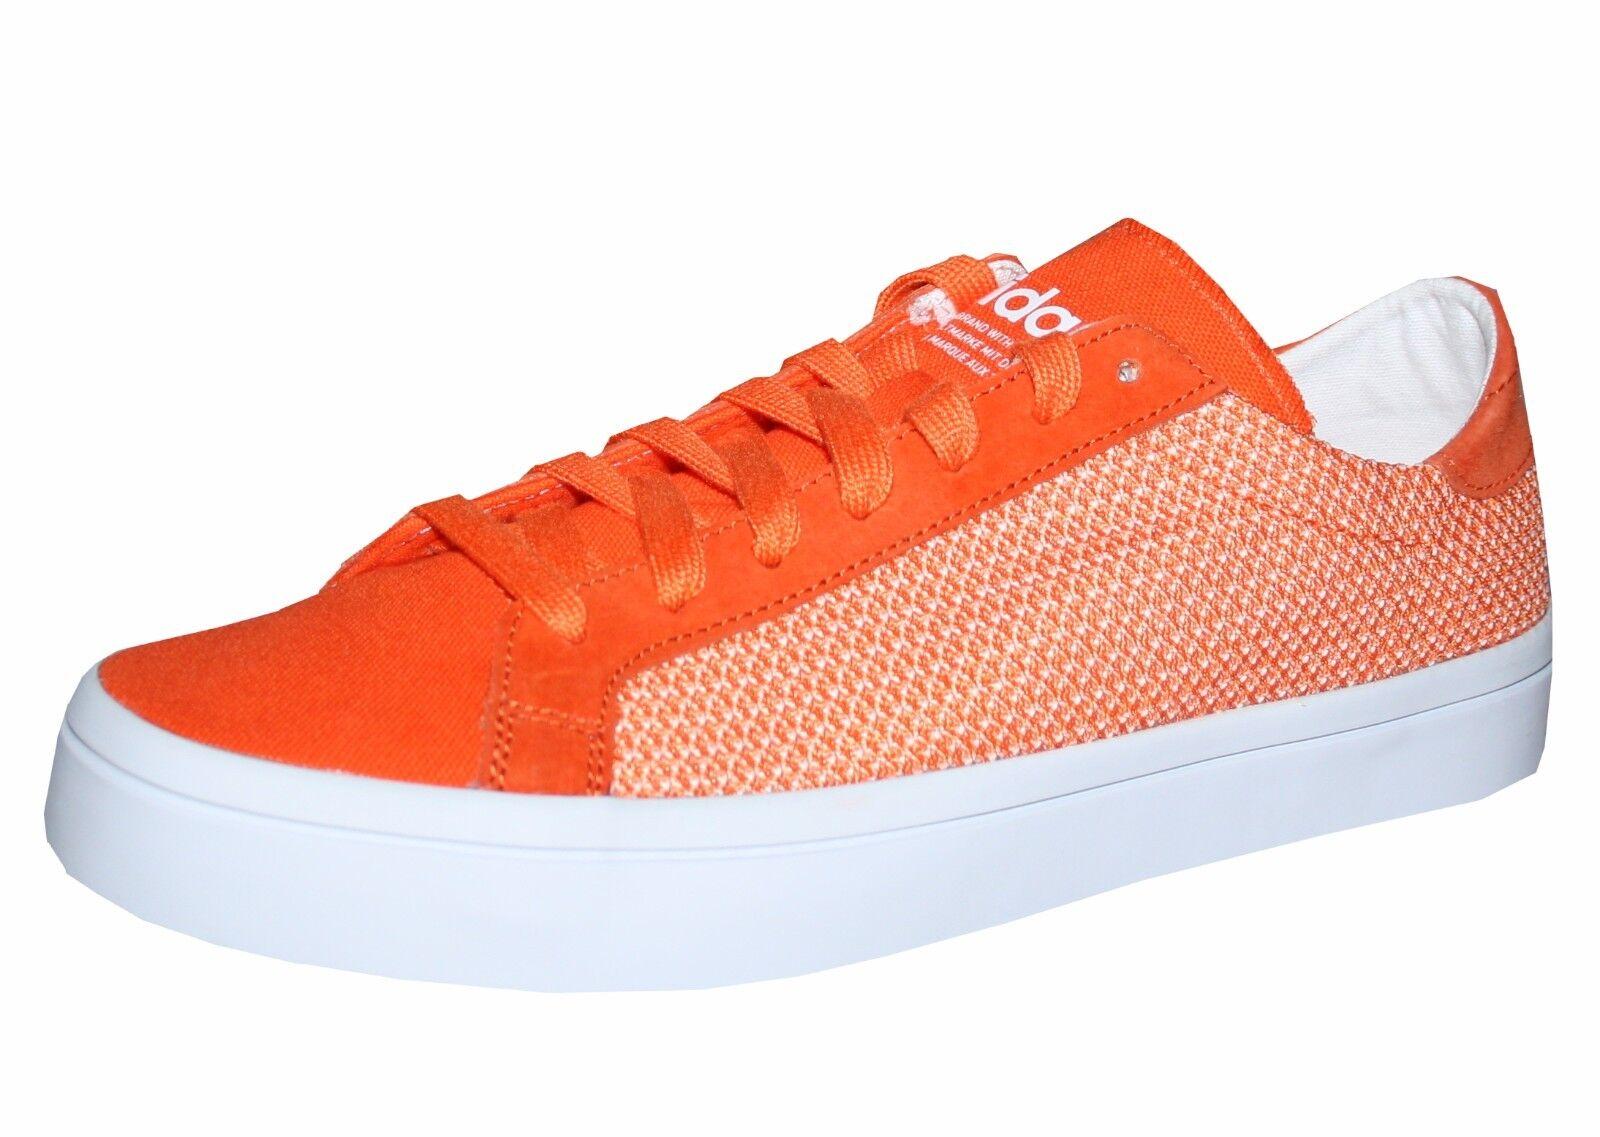 Adidas Court Vantage Low Damen Sneaker 40 Canvas Freizeitschuhe orange Gr. 40 Sneaker 2/3 72c6a8